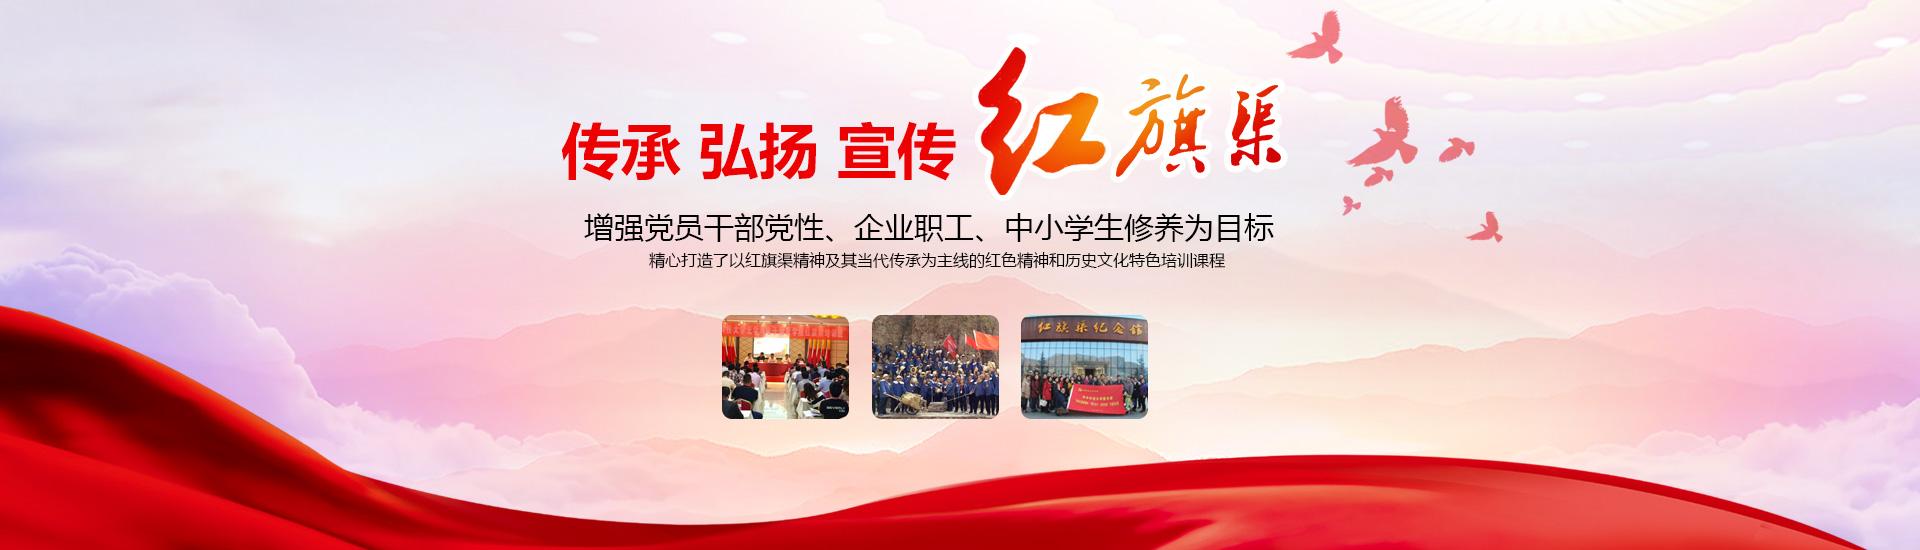 必威中文官网-必威体育-必威体育 betway